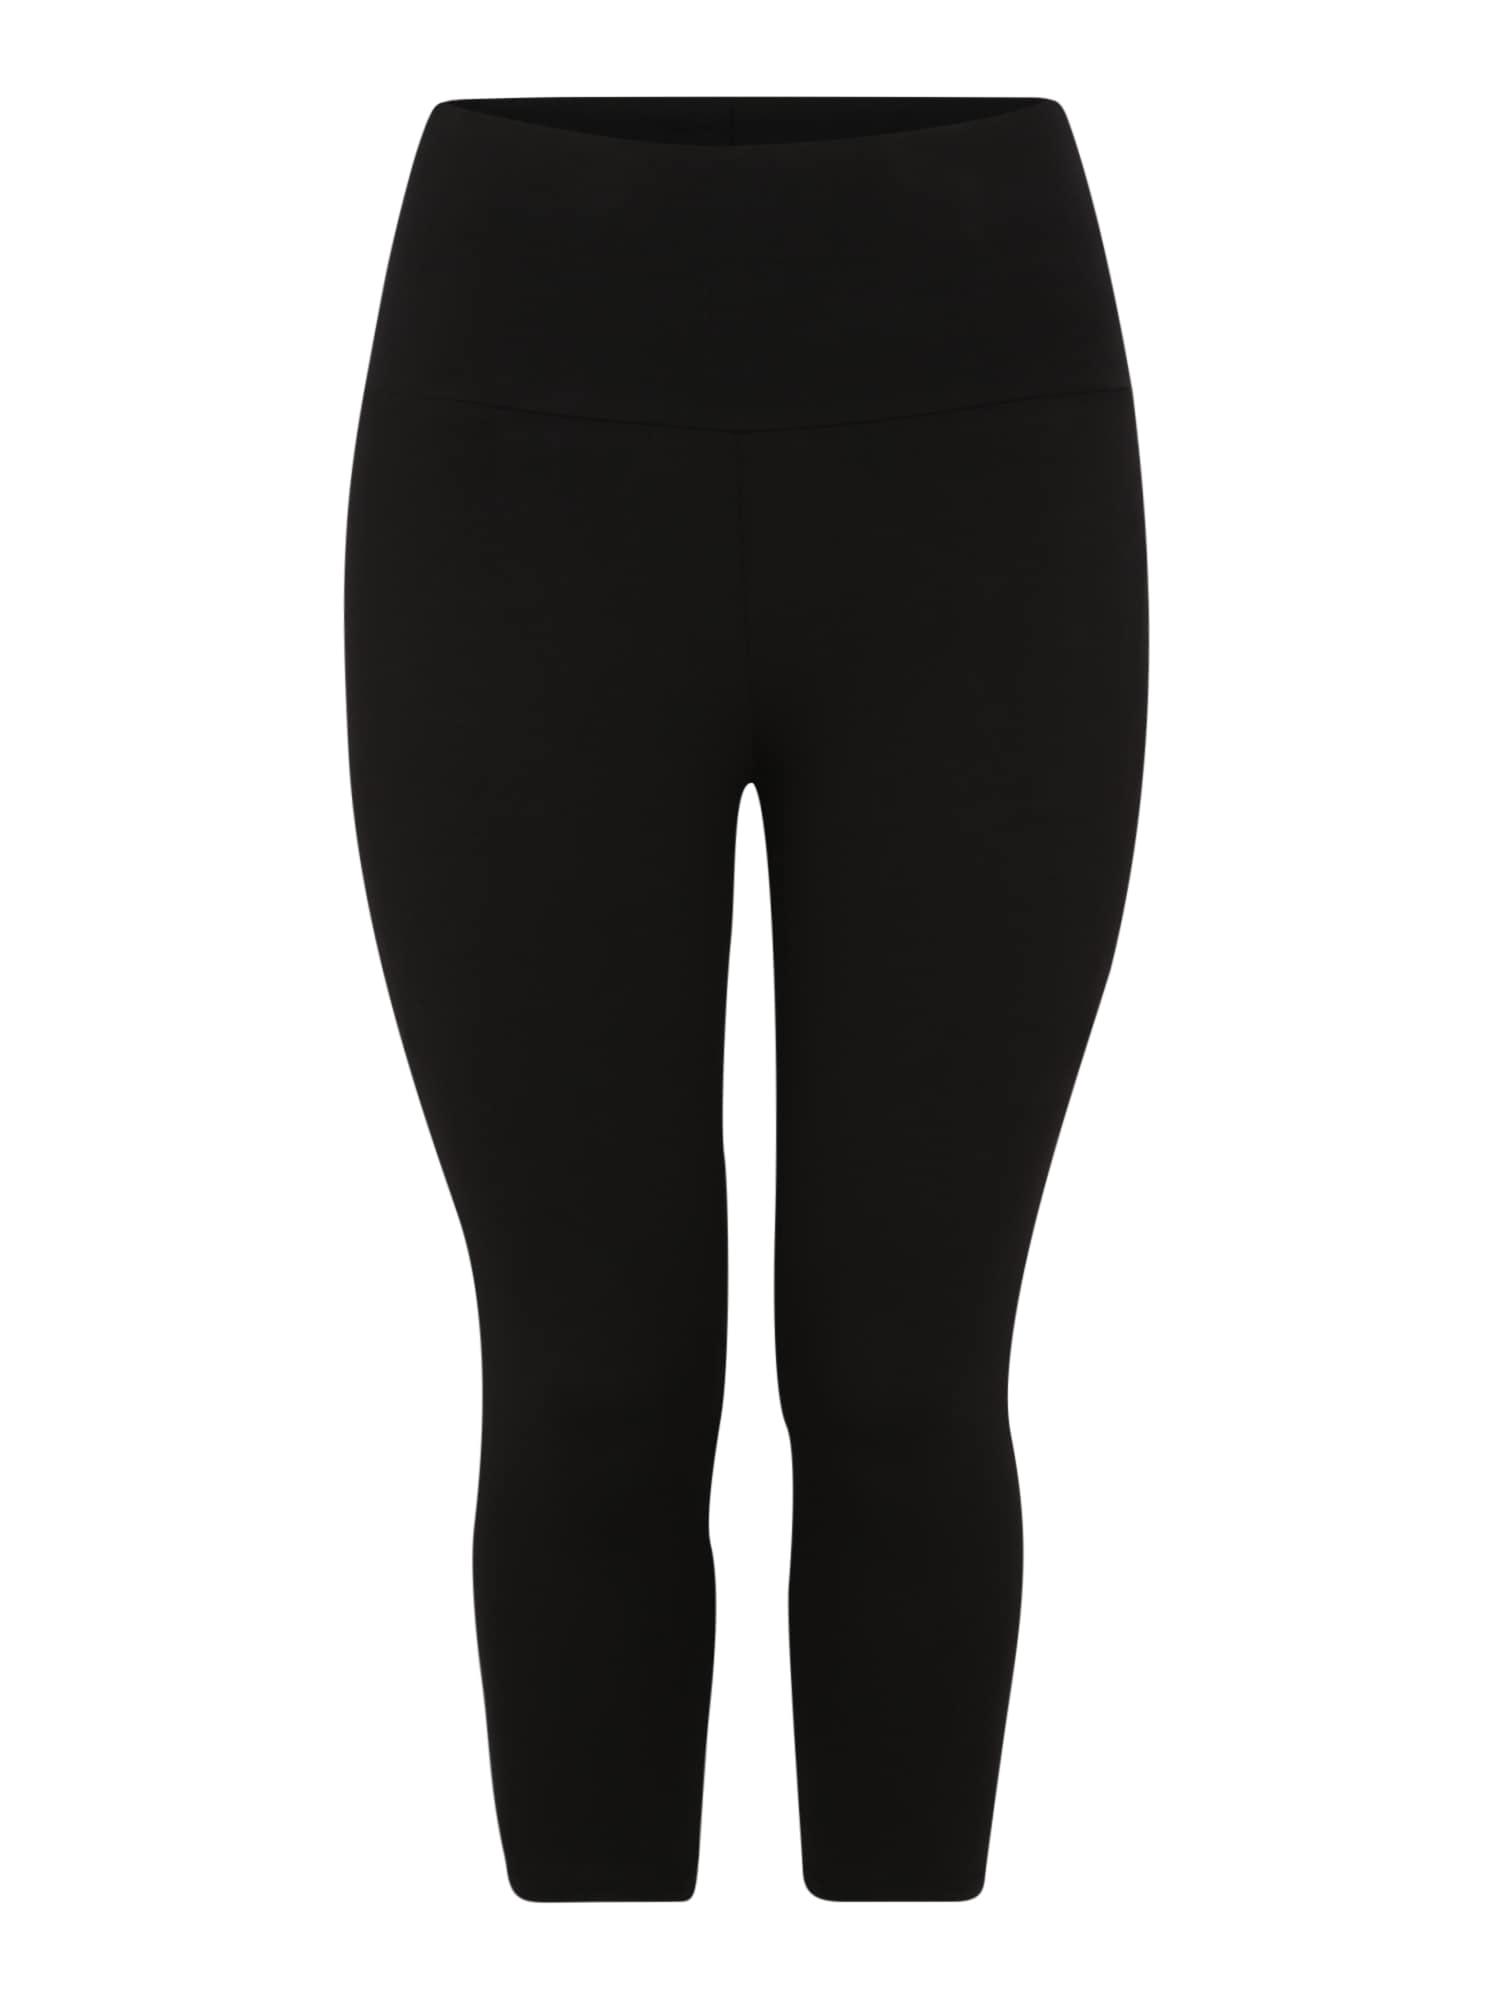 Sportovní kalhoty onpFOLD JAZZ KNICKERS FIT CURVYOPUS černá Only Play Curvy